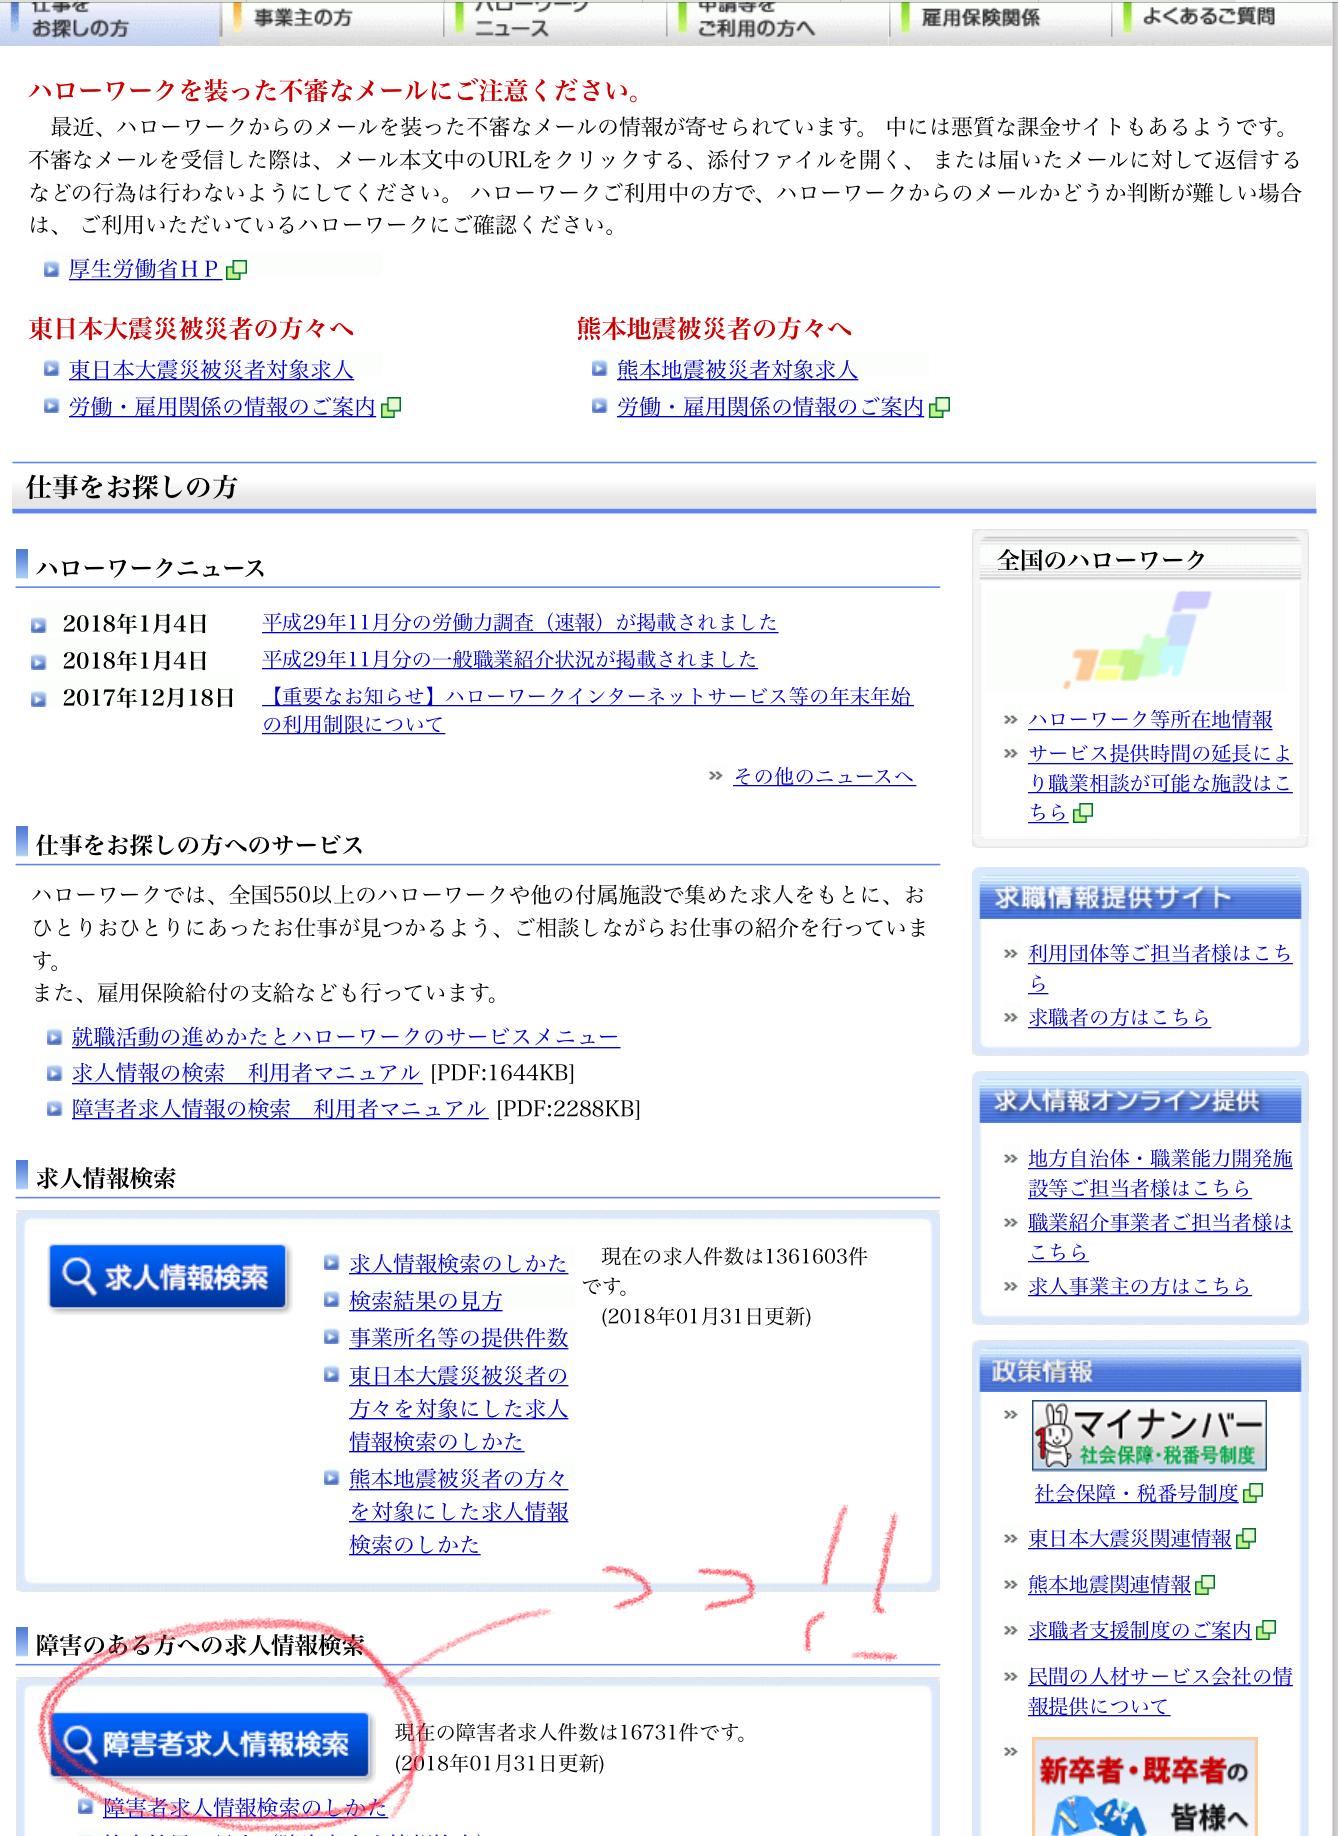 サービス 障害 インターネット 者 ハローワーク オンラインで障害者向け求人検索! ハローワークインターネットサービスの使い方